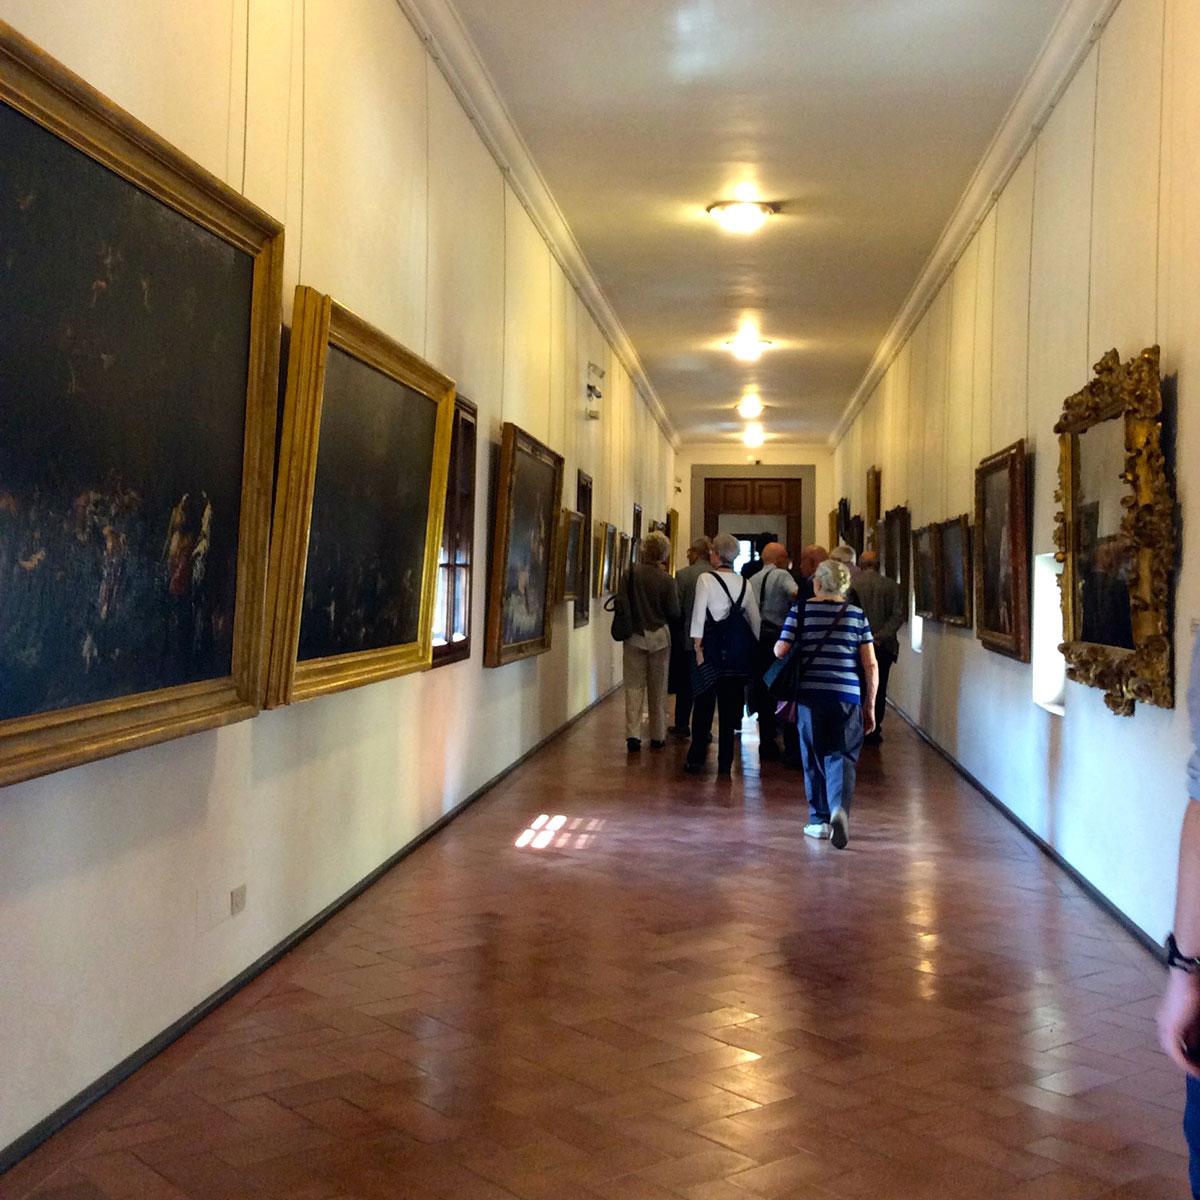 Biblioteca Laurenziana e Corridoio Vasariano